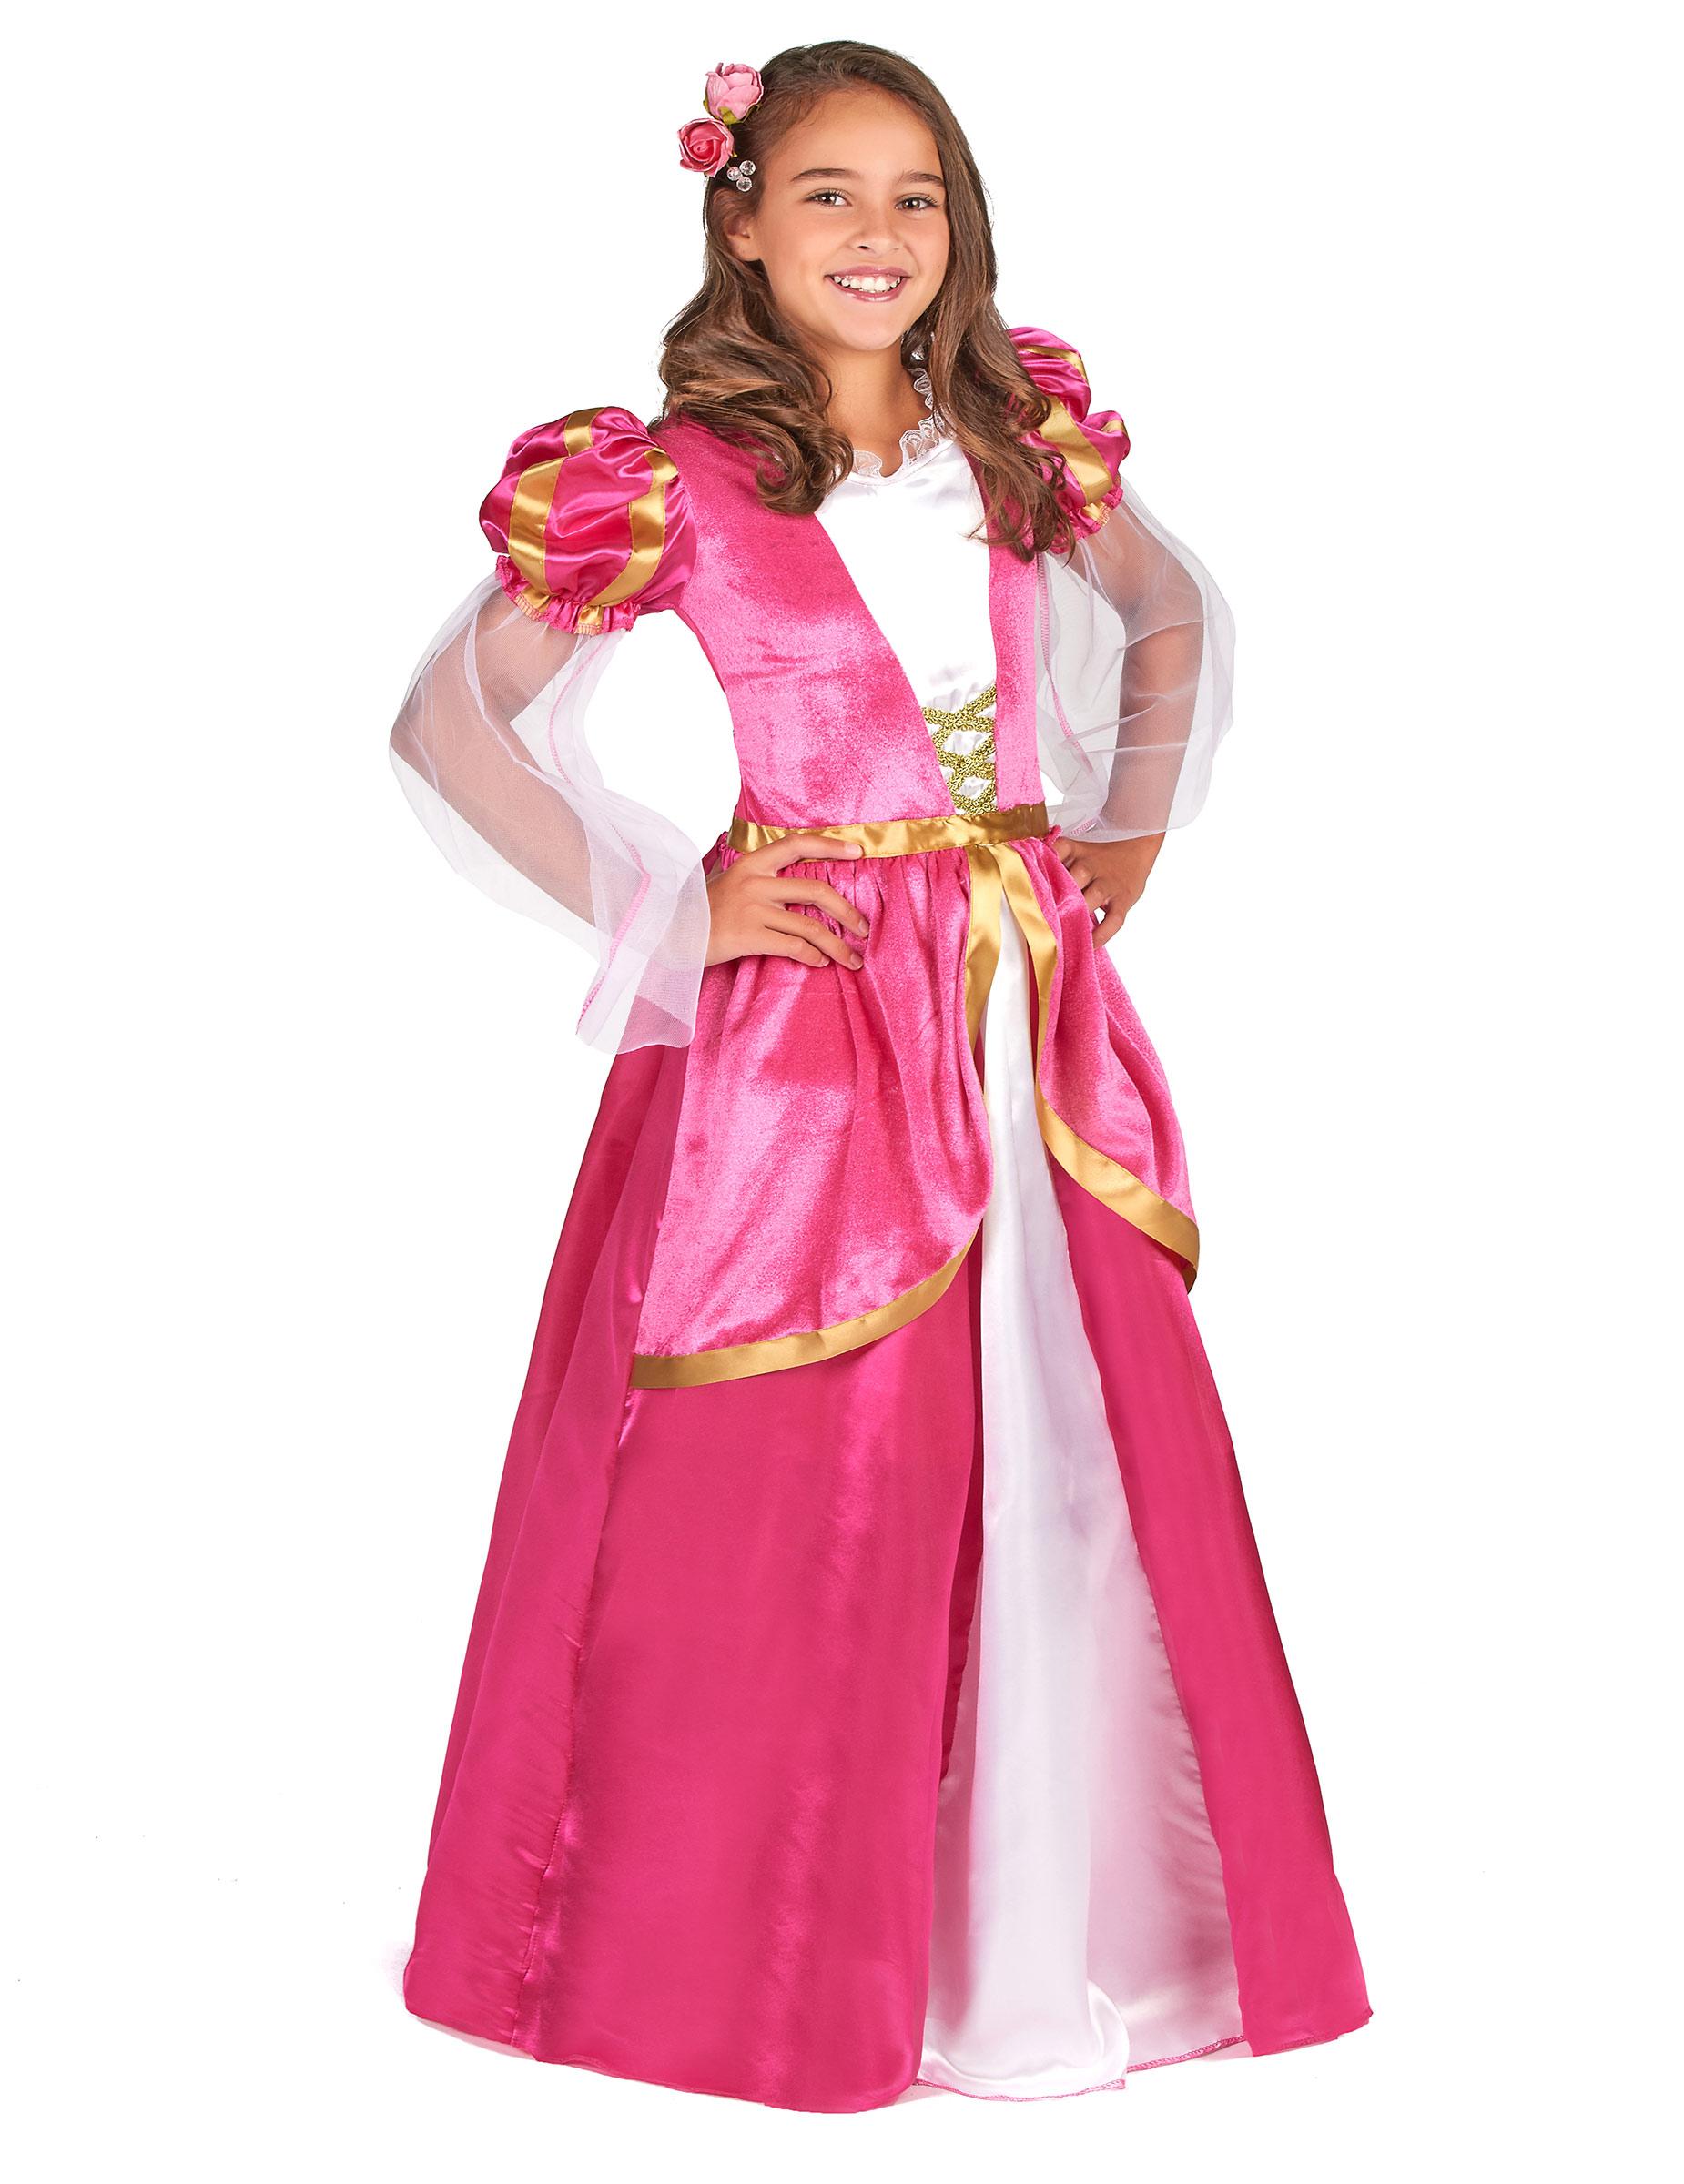 #Mittelalterliches Prinzessinnen-Mädchenkostüm Burgfräulein pink-gold#